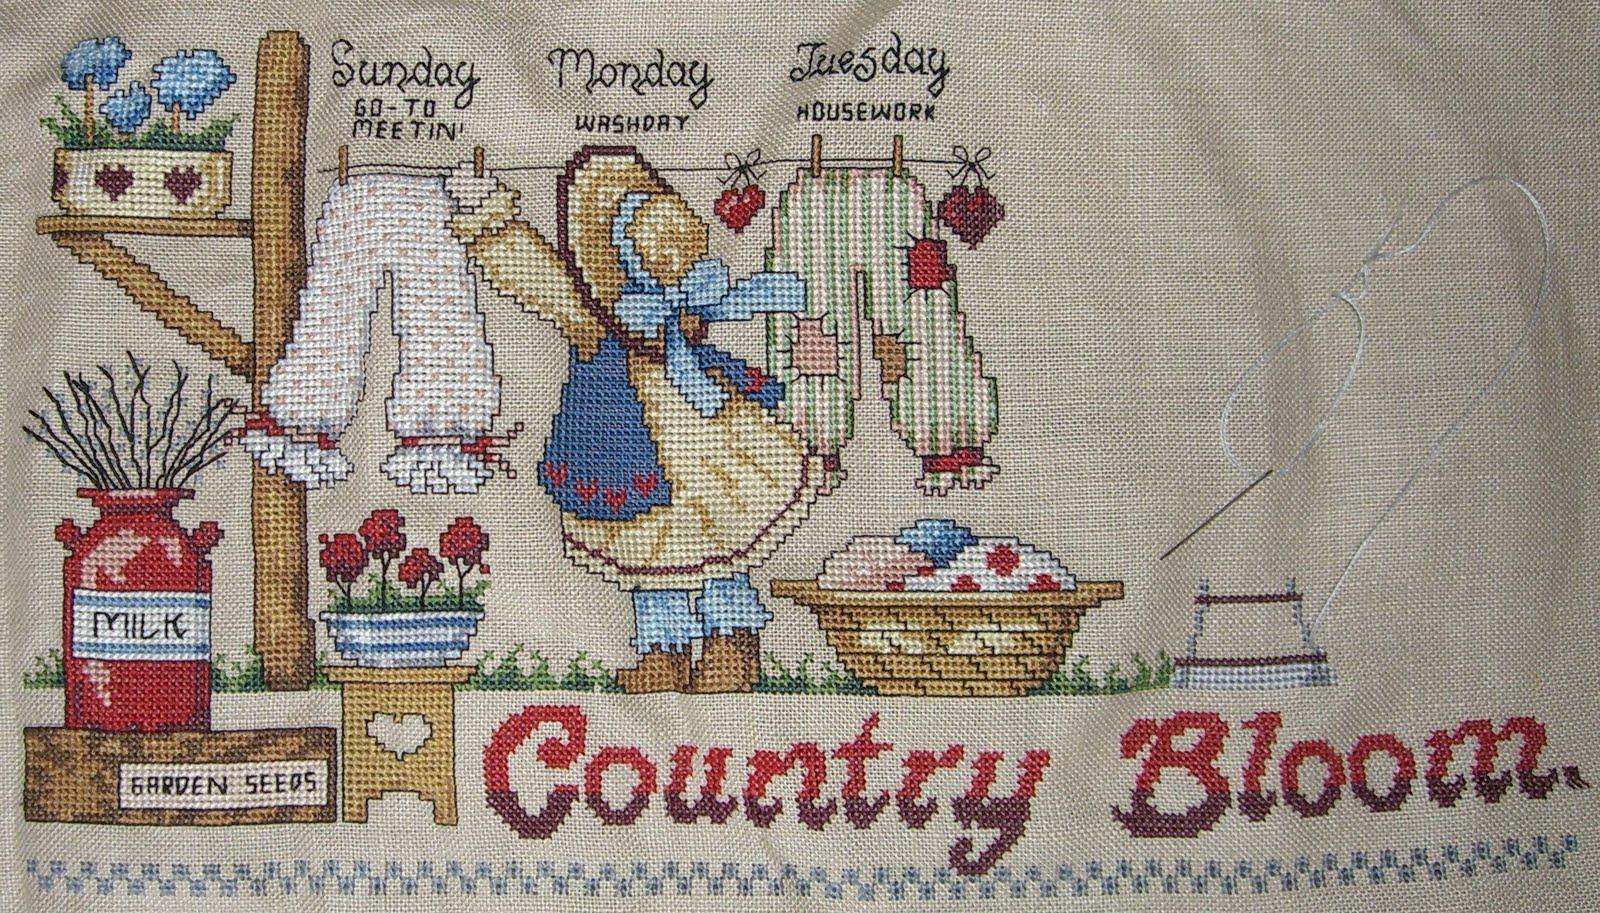 Les petites croix de: Country bloomers, mi-parcours